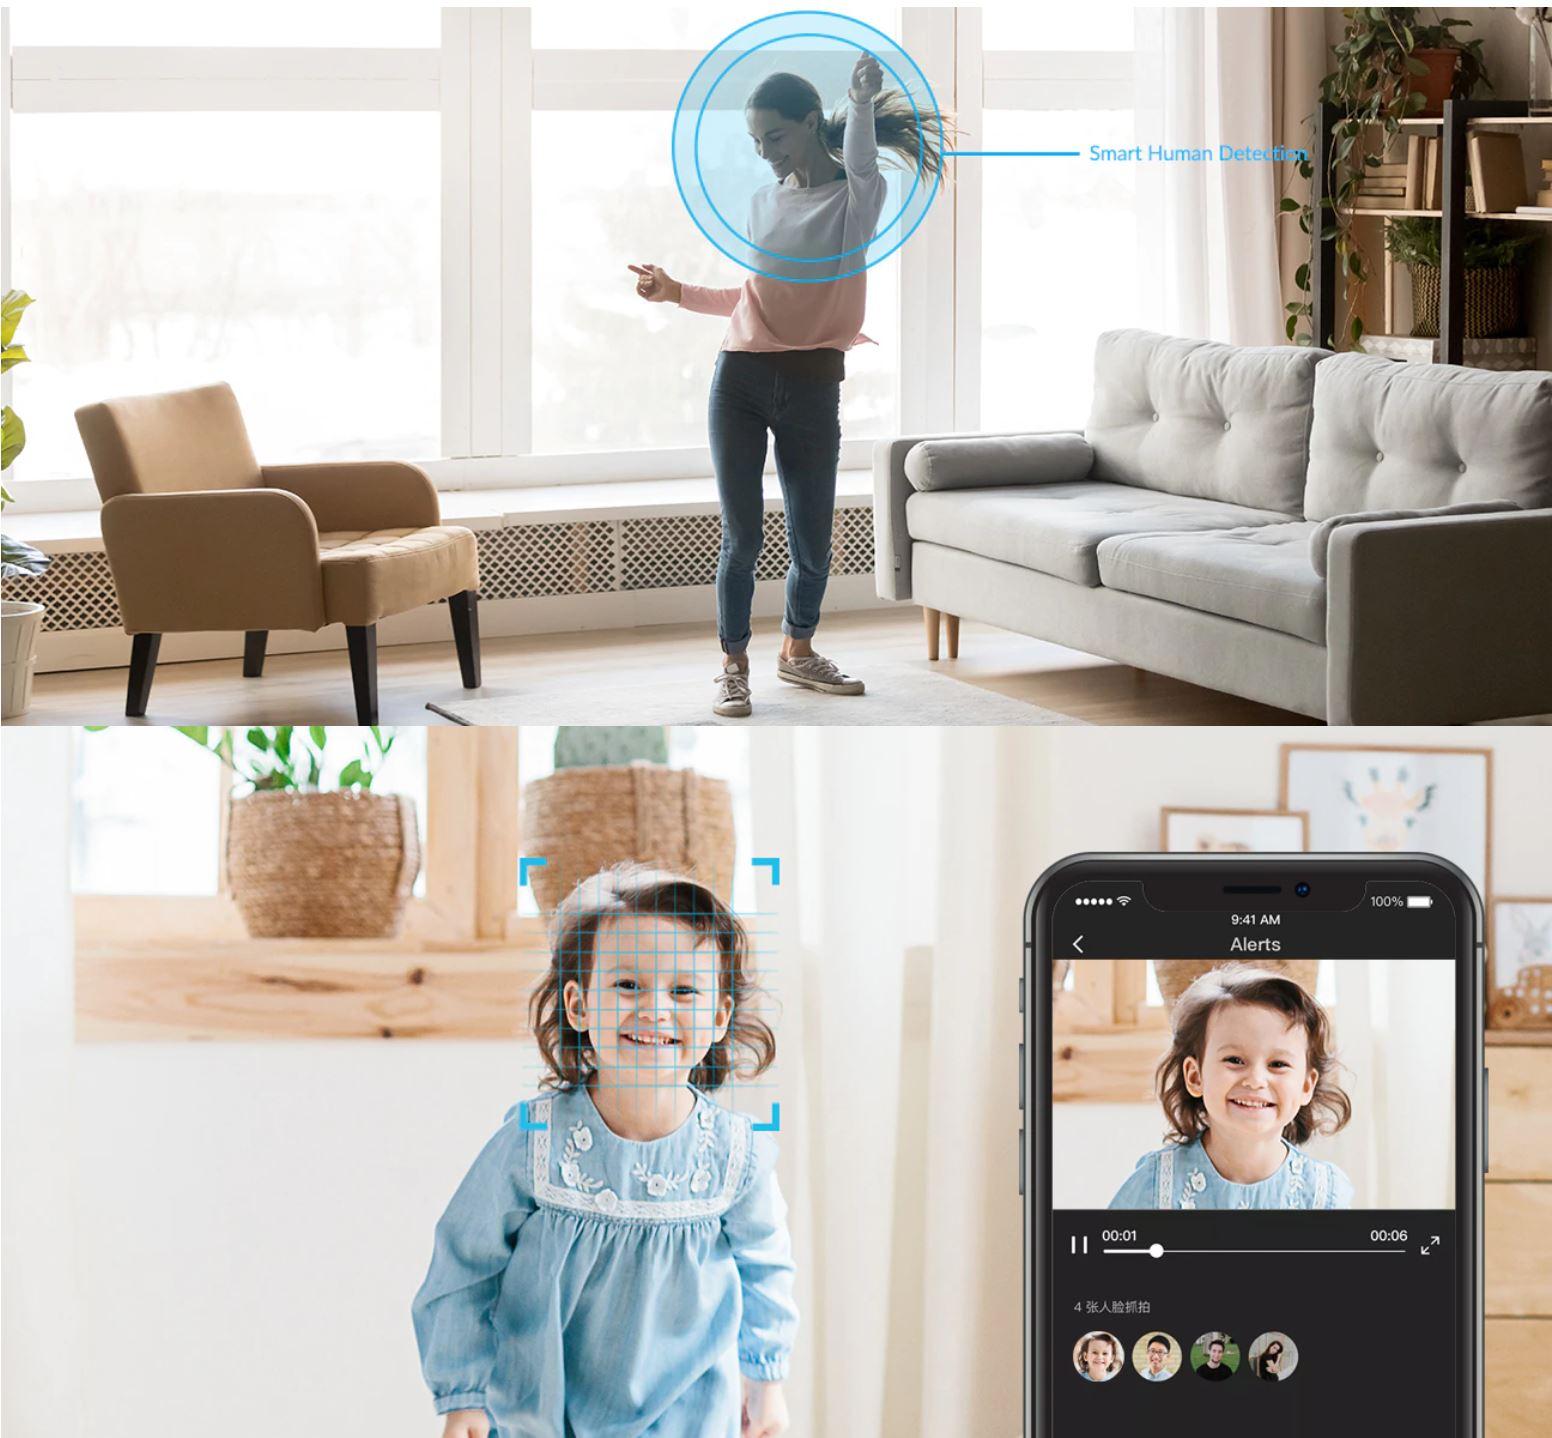 YI Dome U - nowość z Aliexpress - rozpoznawanie twarzy przez kamerę IP